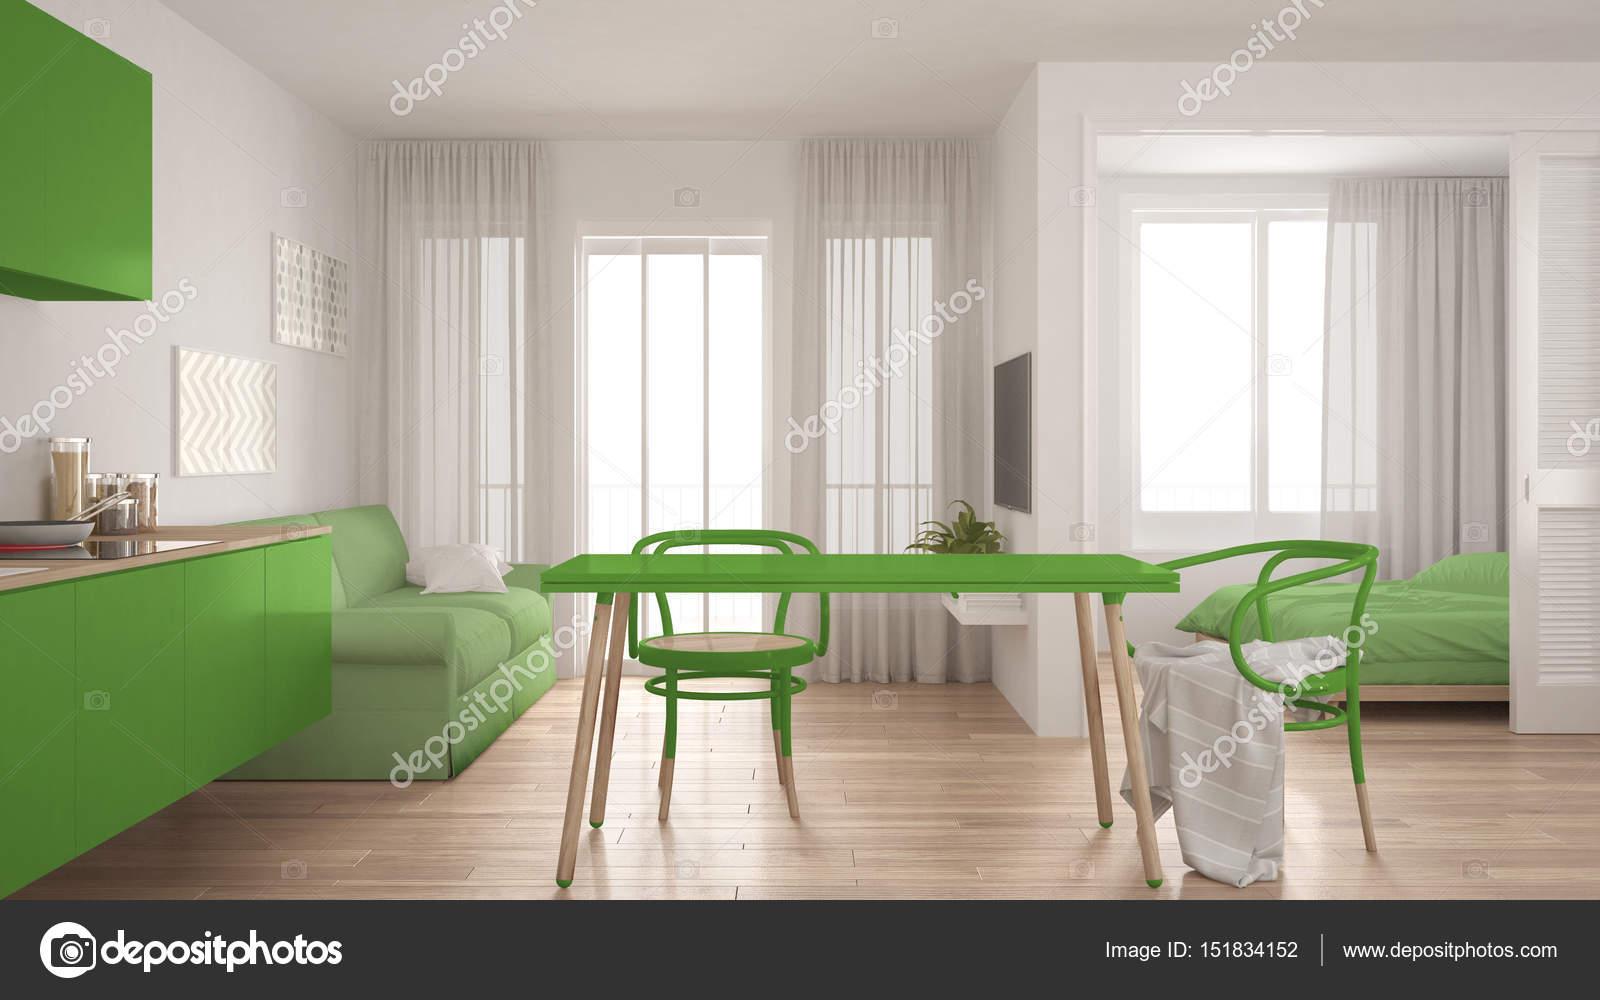 Moderne minimale keuken en woonkamer met slaapkamer in het backg